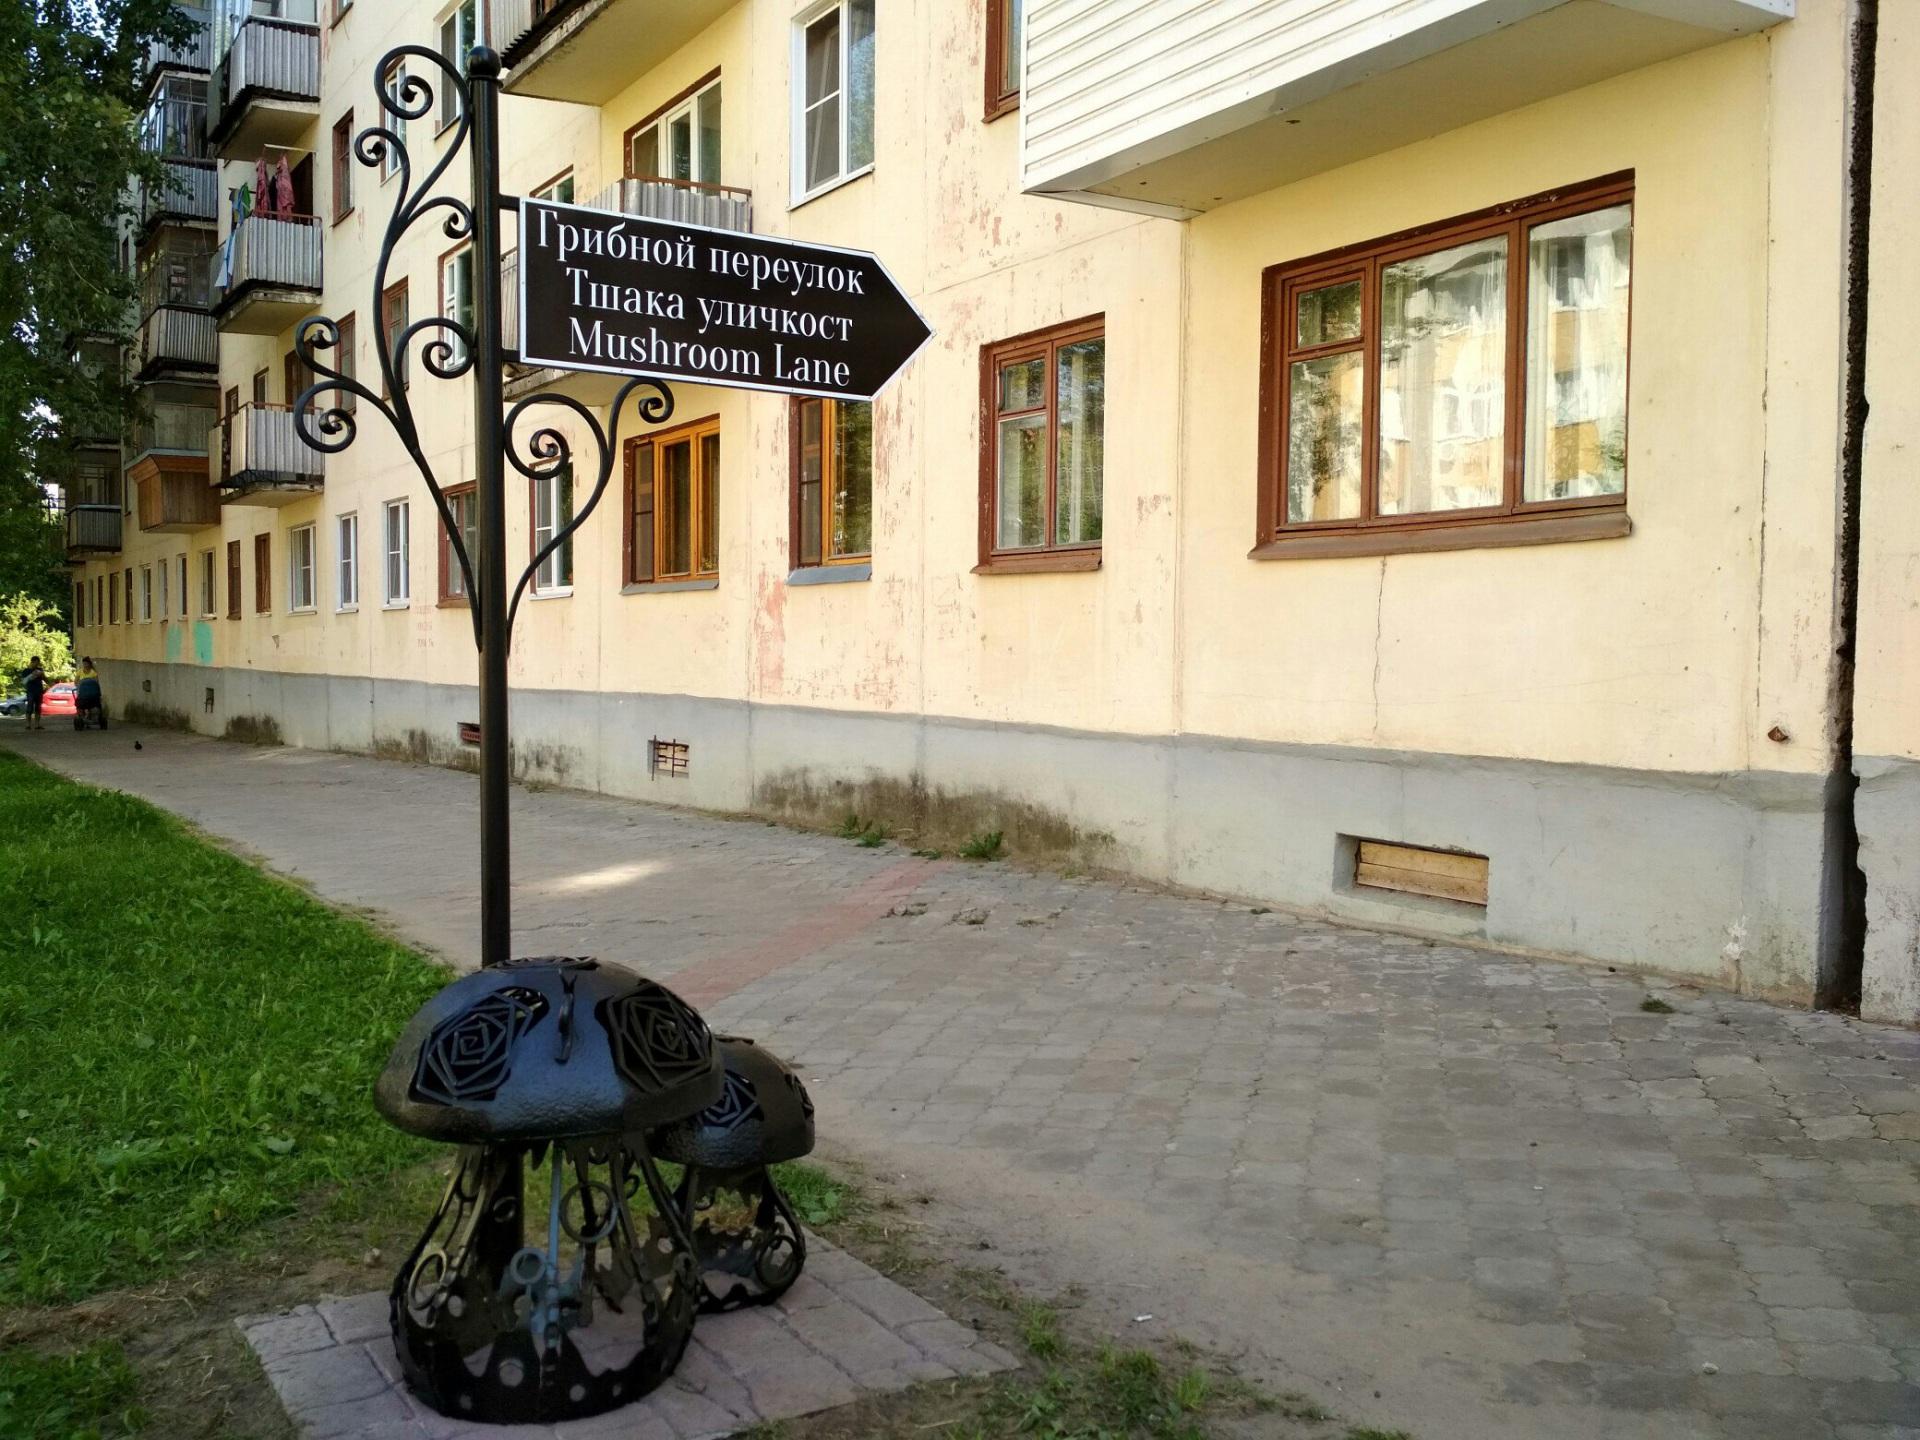 В Грибном переулке в Сыктывкаре